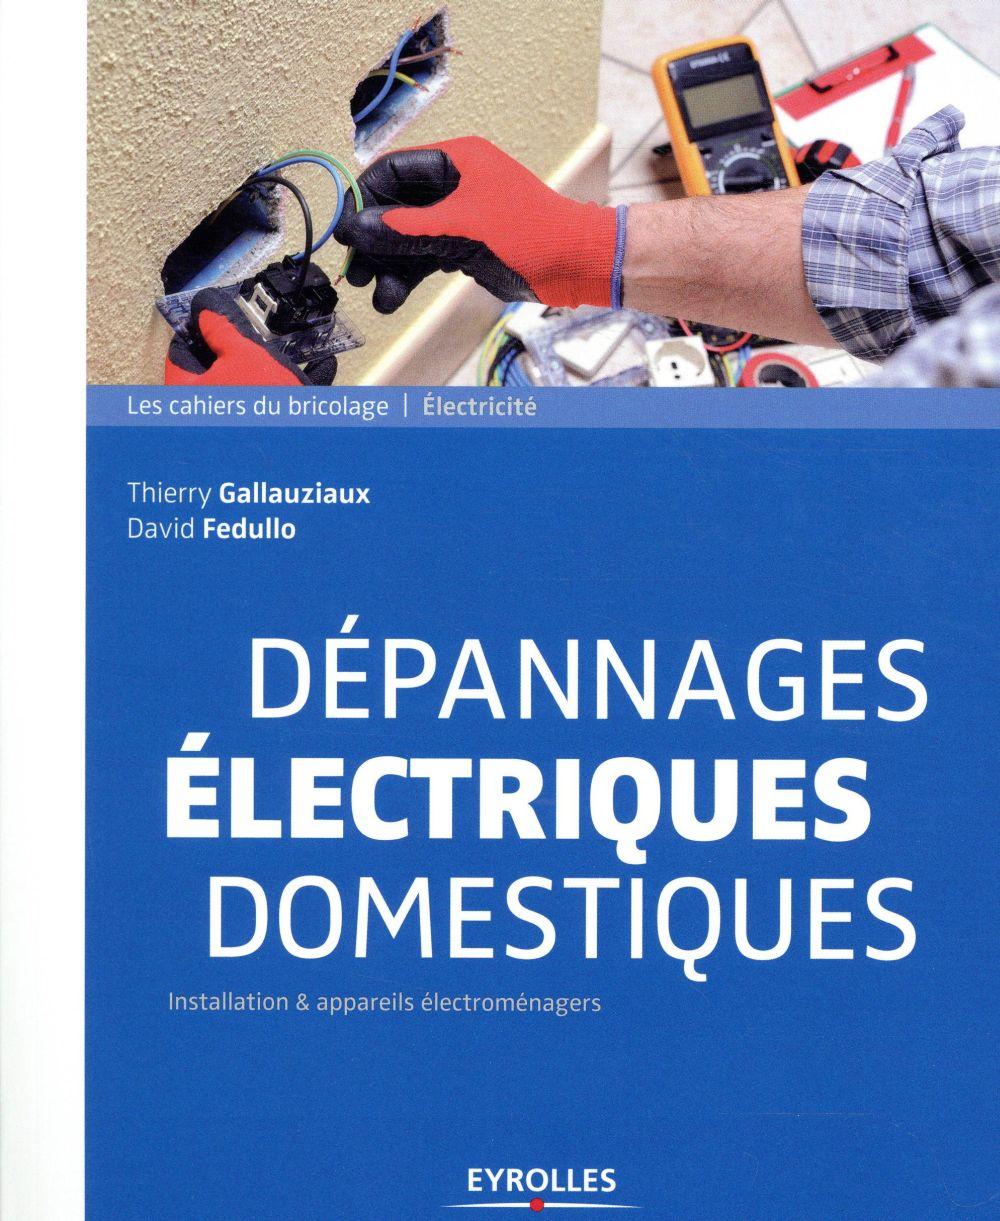 Depannages Electriques Domestiques - Installation Appareils Electromenagers